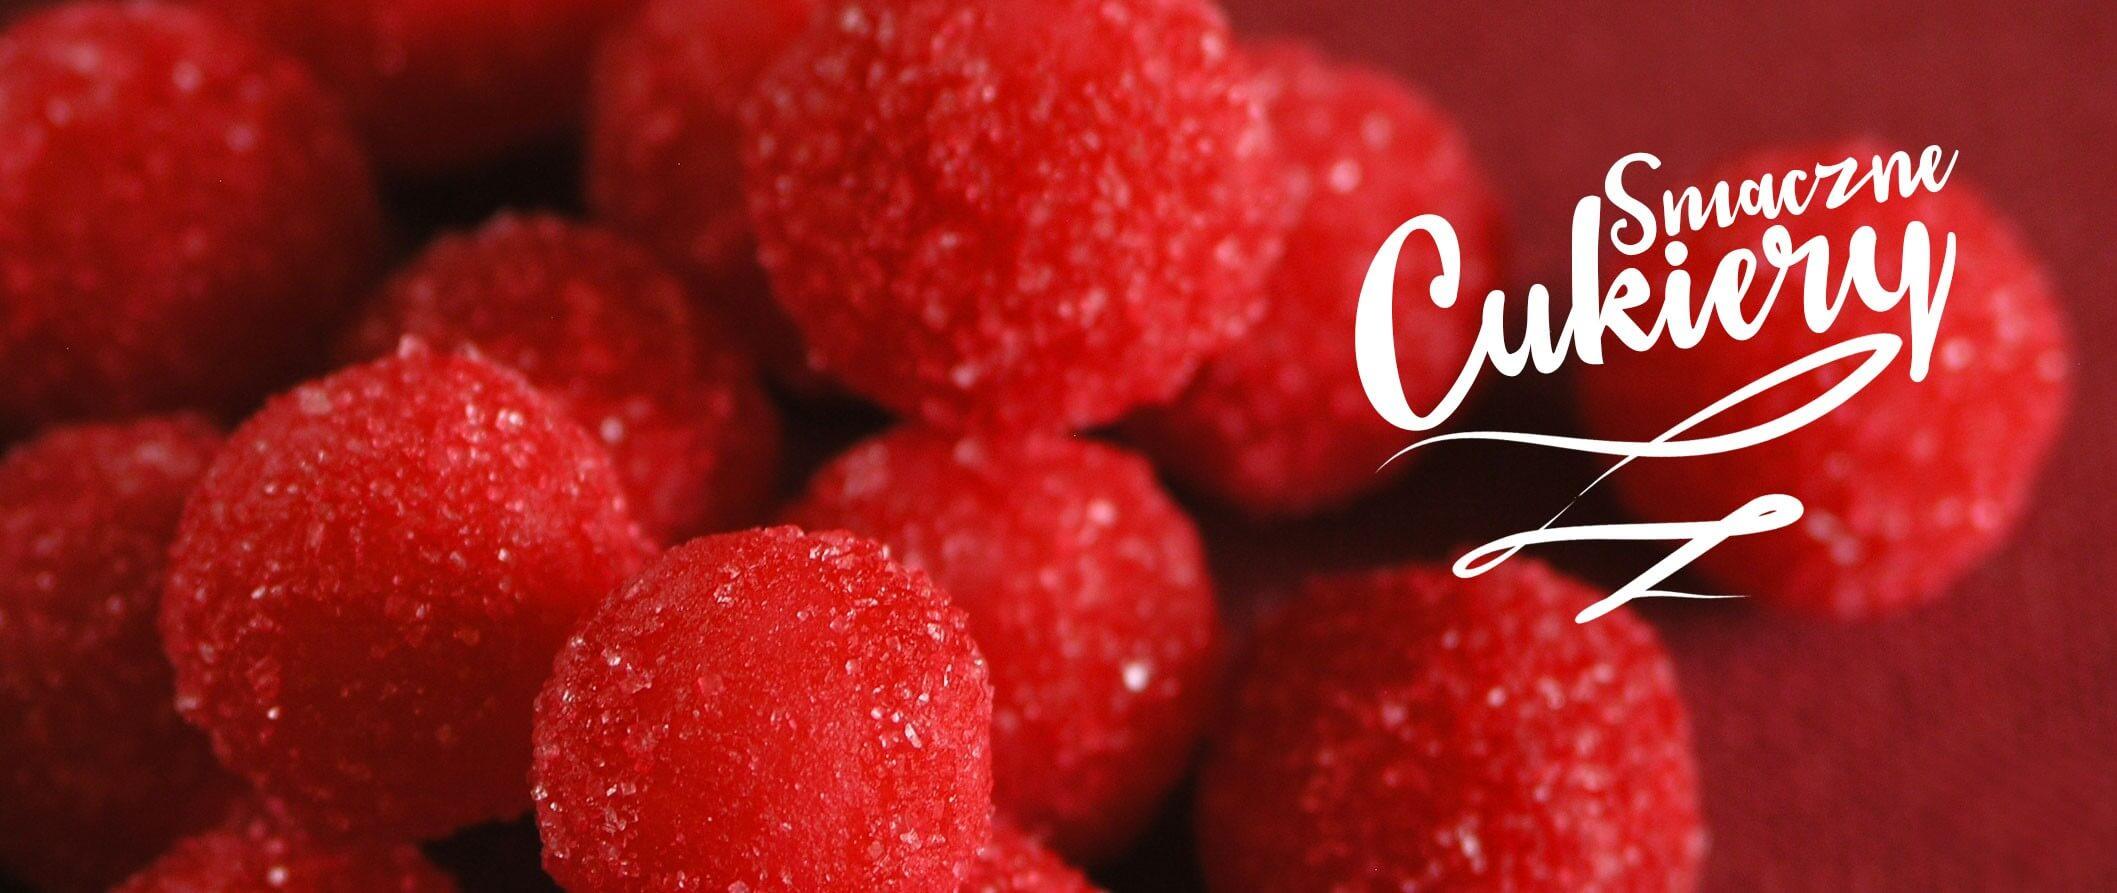 Cukiery - smaczne słodkości